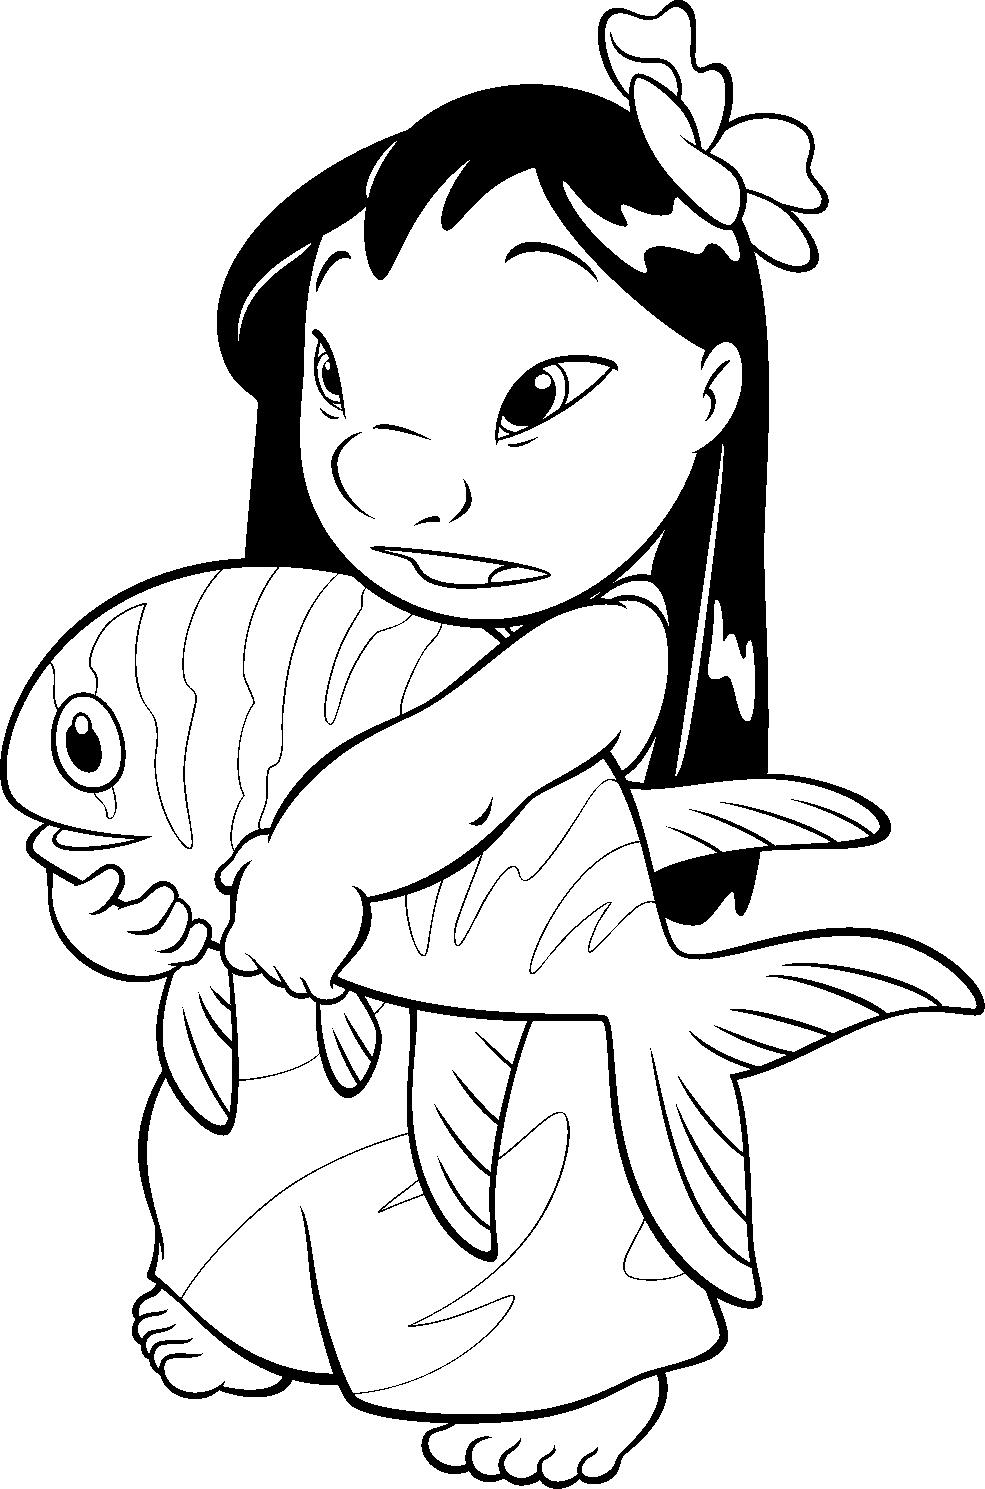 Dibujos Para Colorear de Disney Princesas Bebes Princesas Disney Dibujos Para